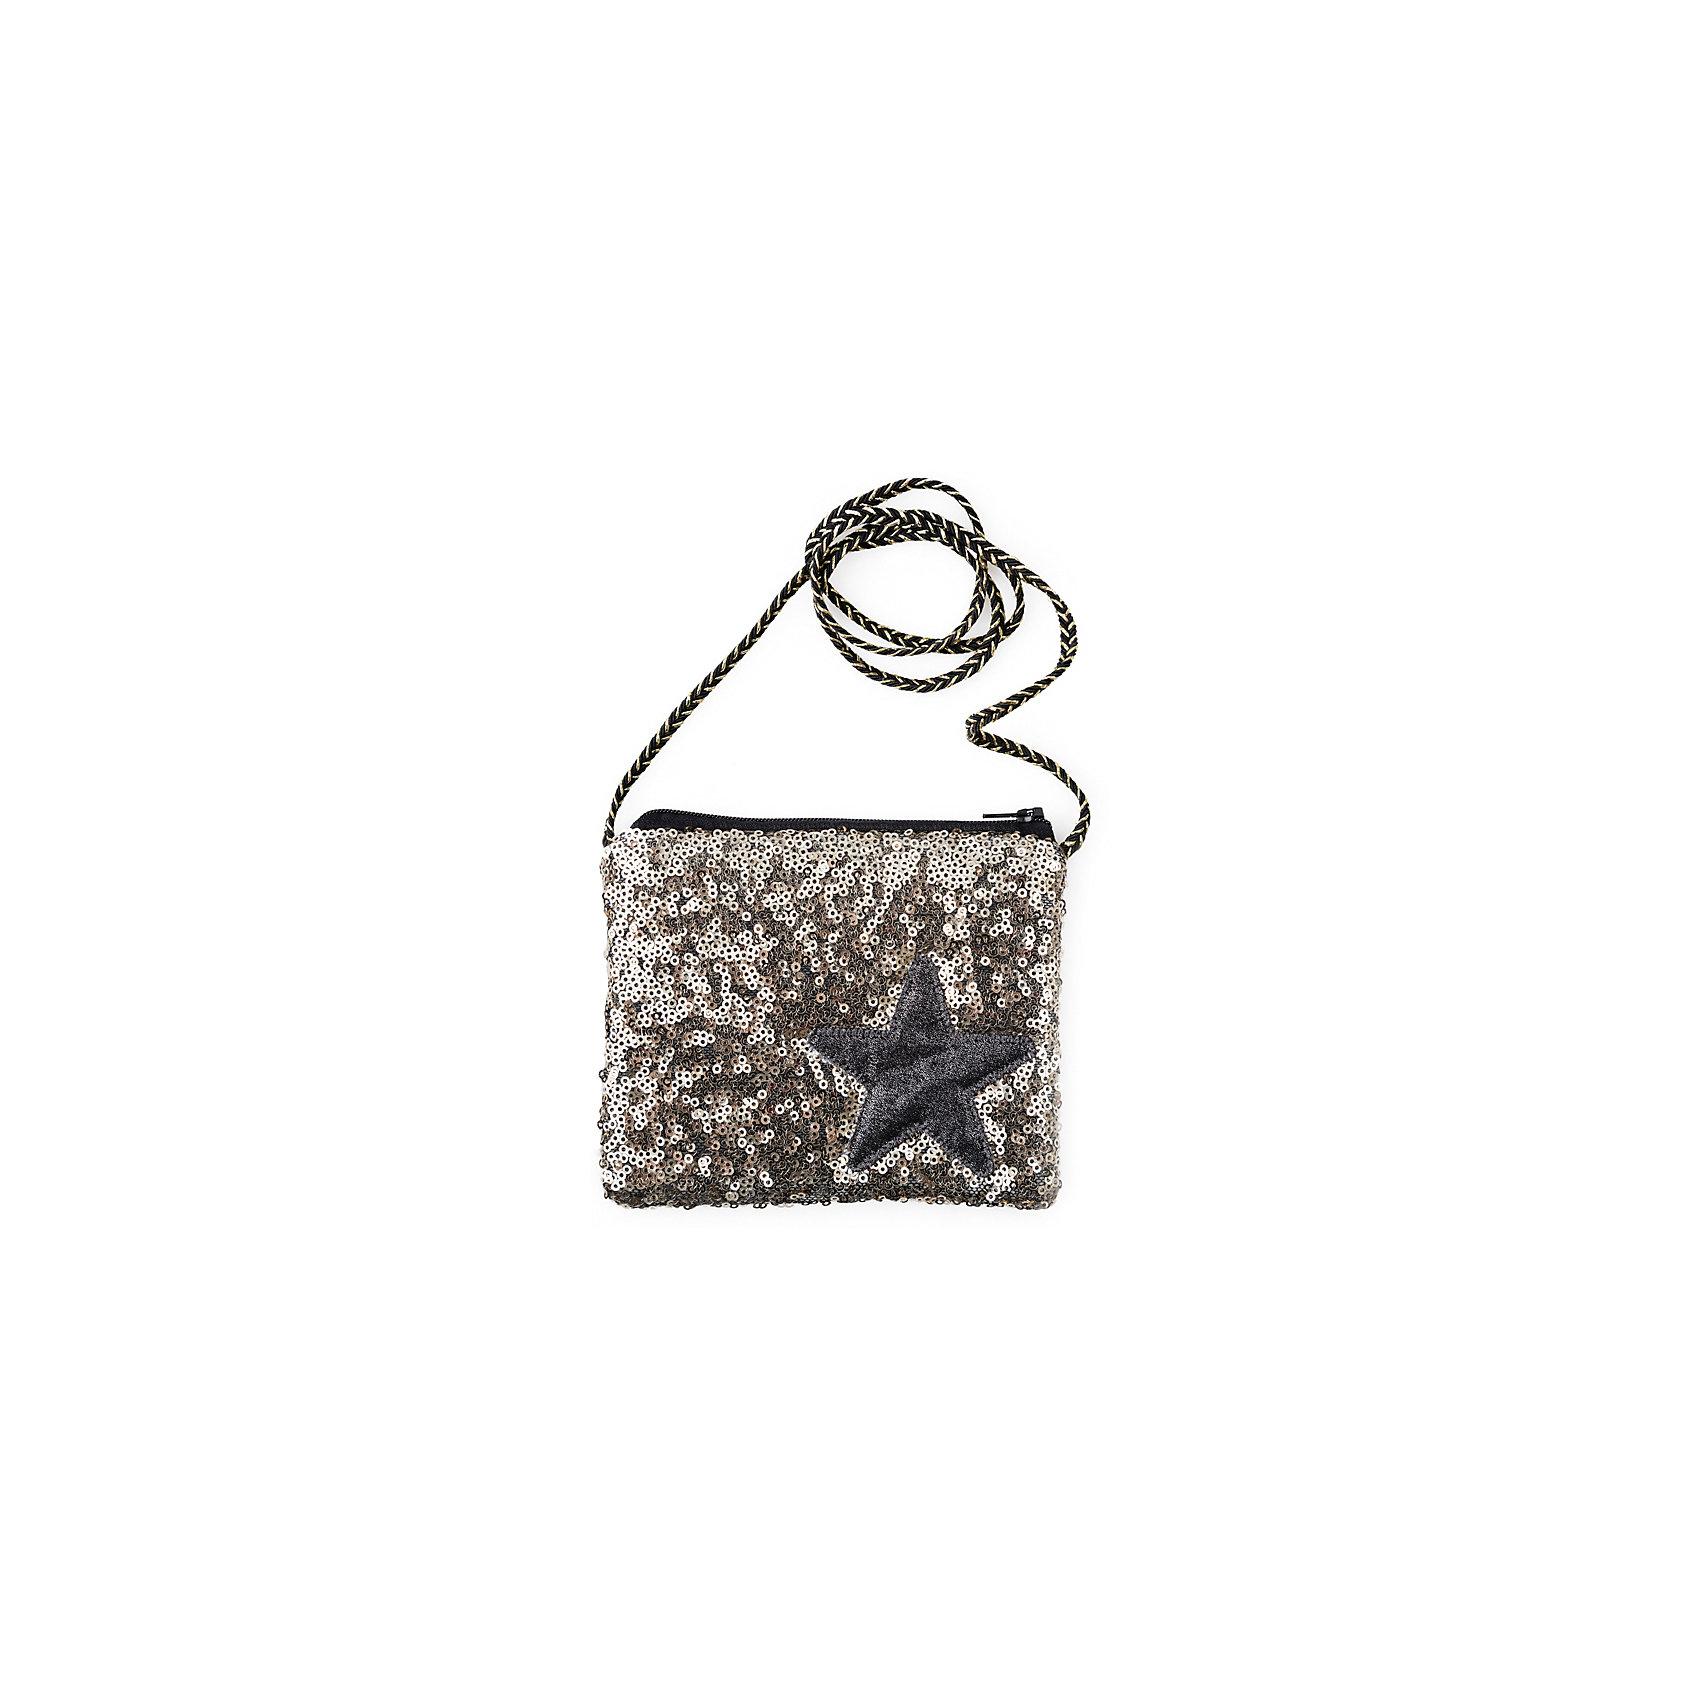 Сумка для девочки PlayTodayСумка для девочки от известного бренда PlayToday.<br>Текстильная сумка.<br><br>Украшена сверкающими золотистыми пайетками и аппликацией со звездой. Застегивается на молнию. Есть черно-золотой шнур.<br>Состав:<br>100% полиэстер<br><br>Ширина мм: 227<br>Глубина мм: 11<br>Высота мм: 226<br>Вес г: 350<br>Цвет: черный<br>Возраст от месяцев: 36<br>Возраст до месяцев: 96<br>Пол: Женский<br>Возраст: Детский<br>Размер: one size<br>SKU: 5114041